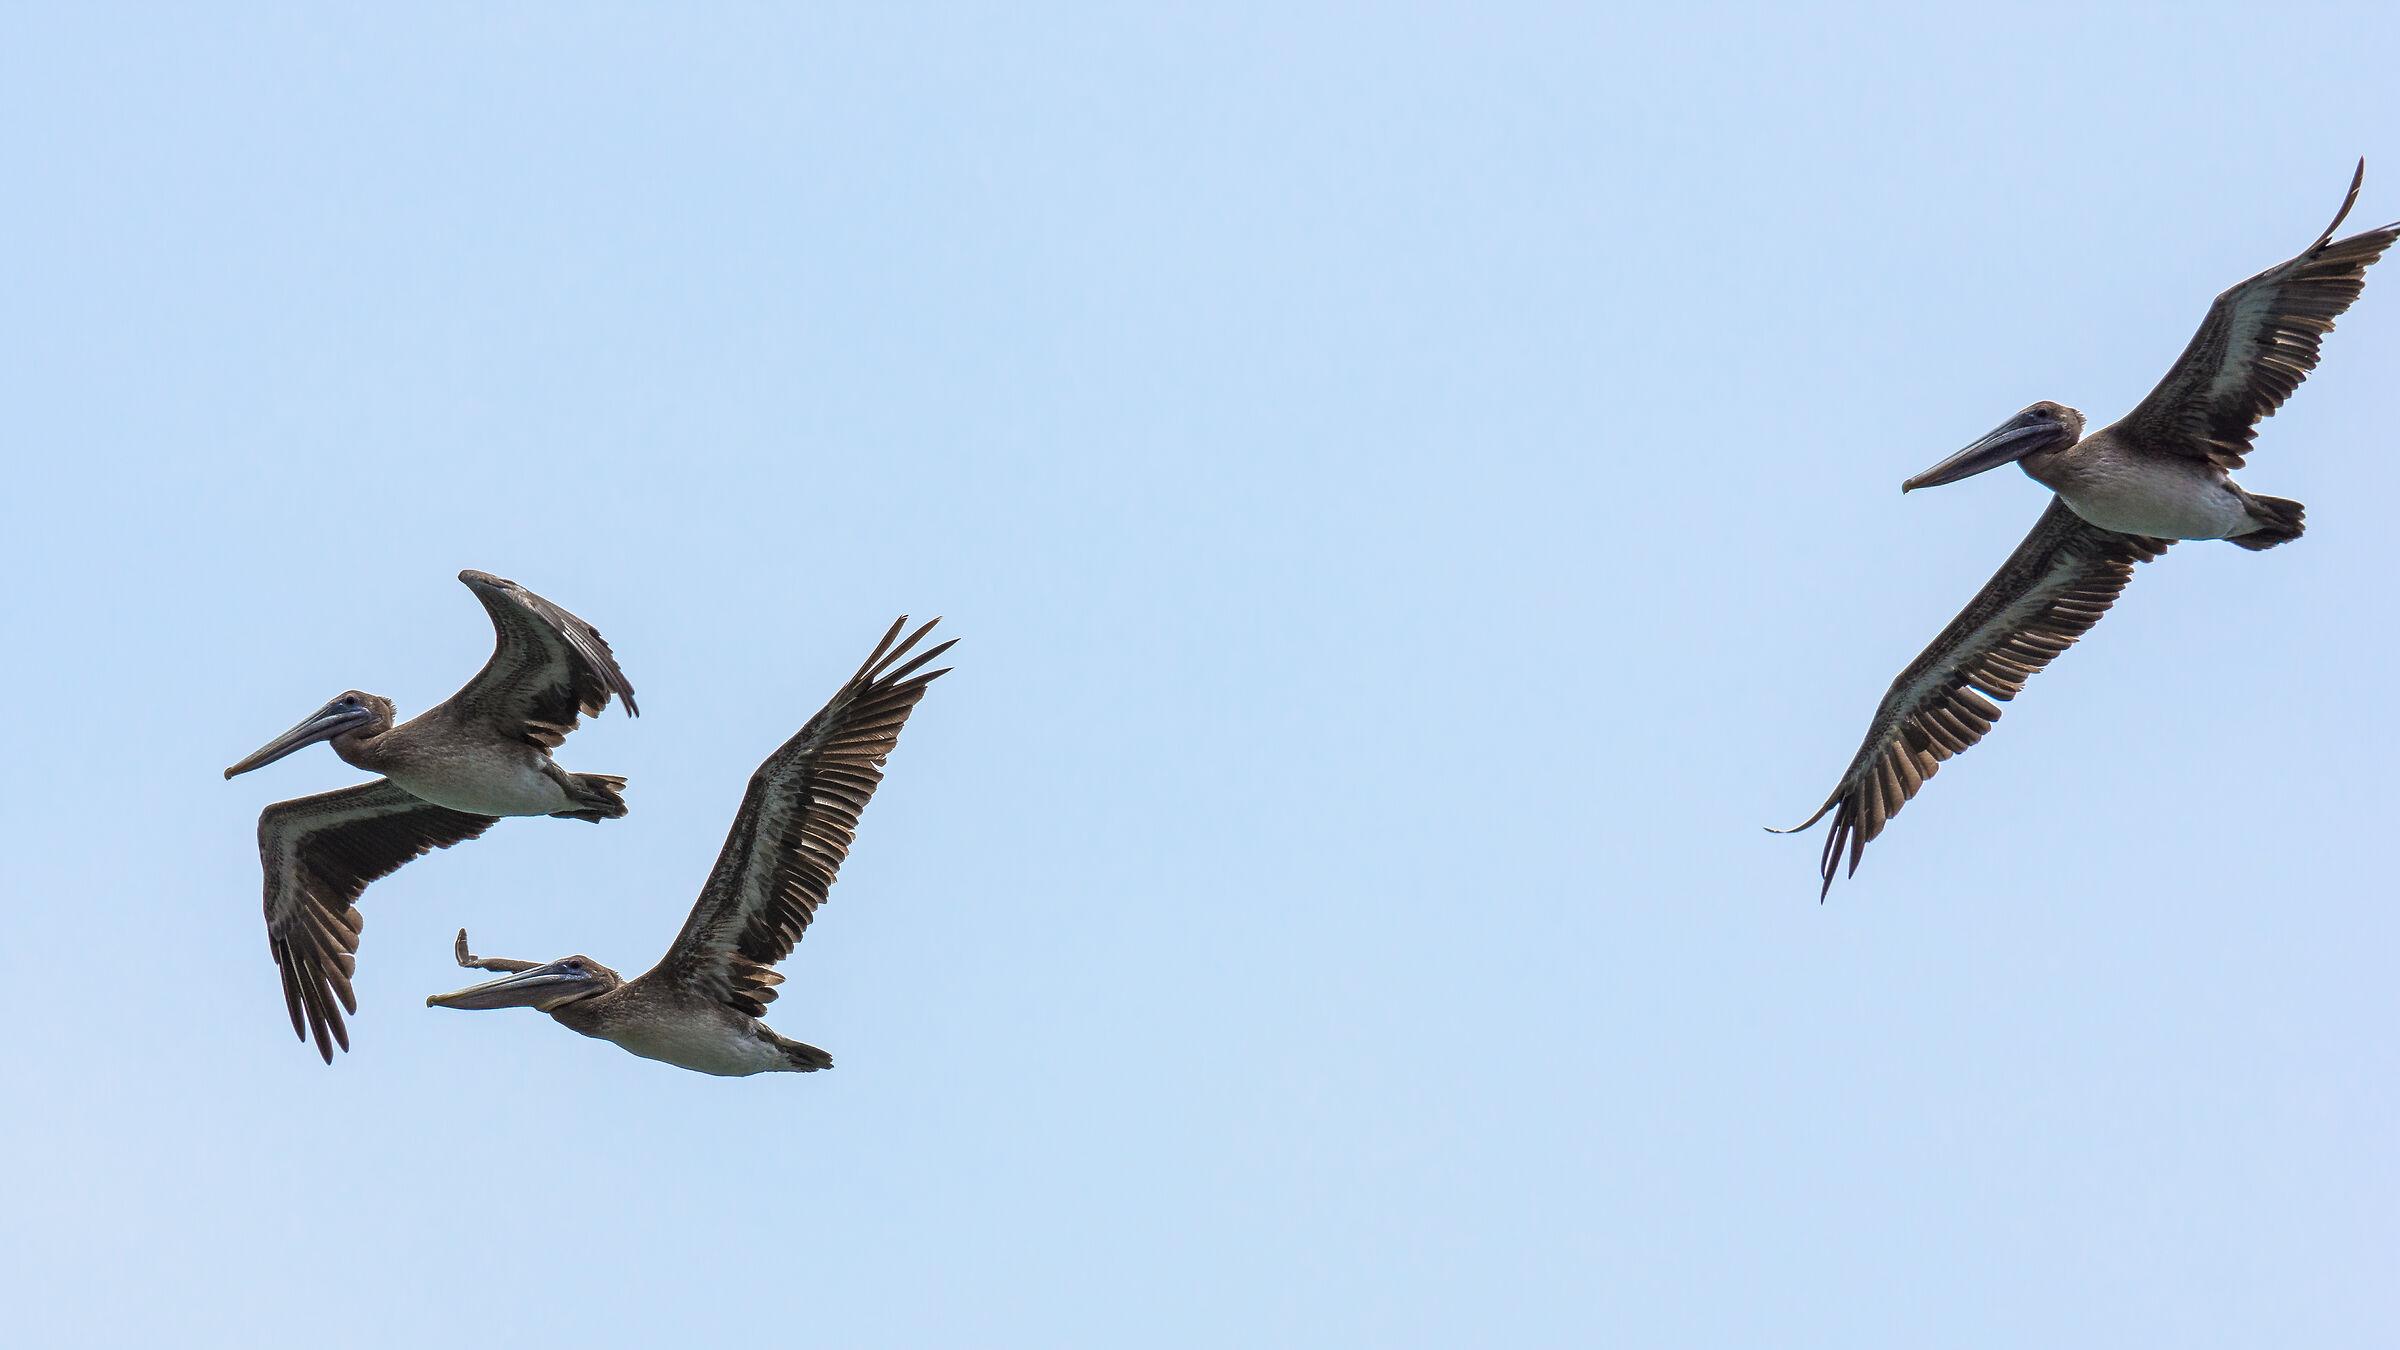 Flight of pelicans...